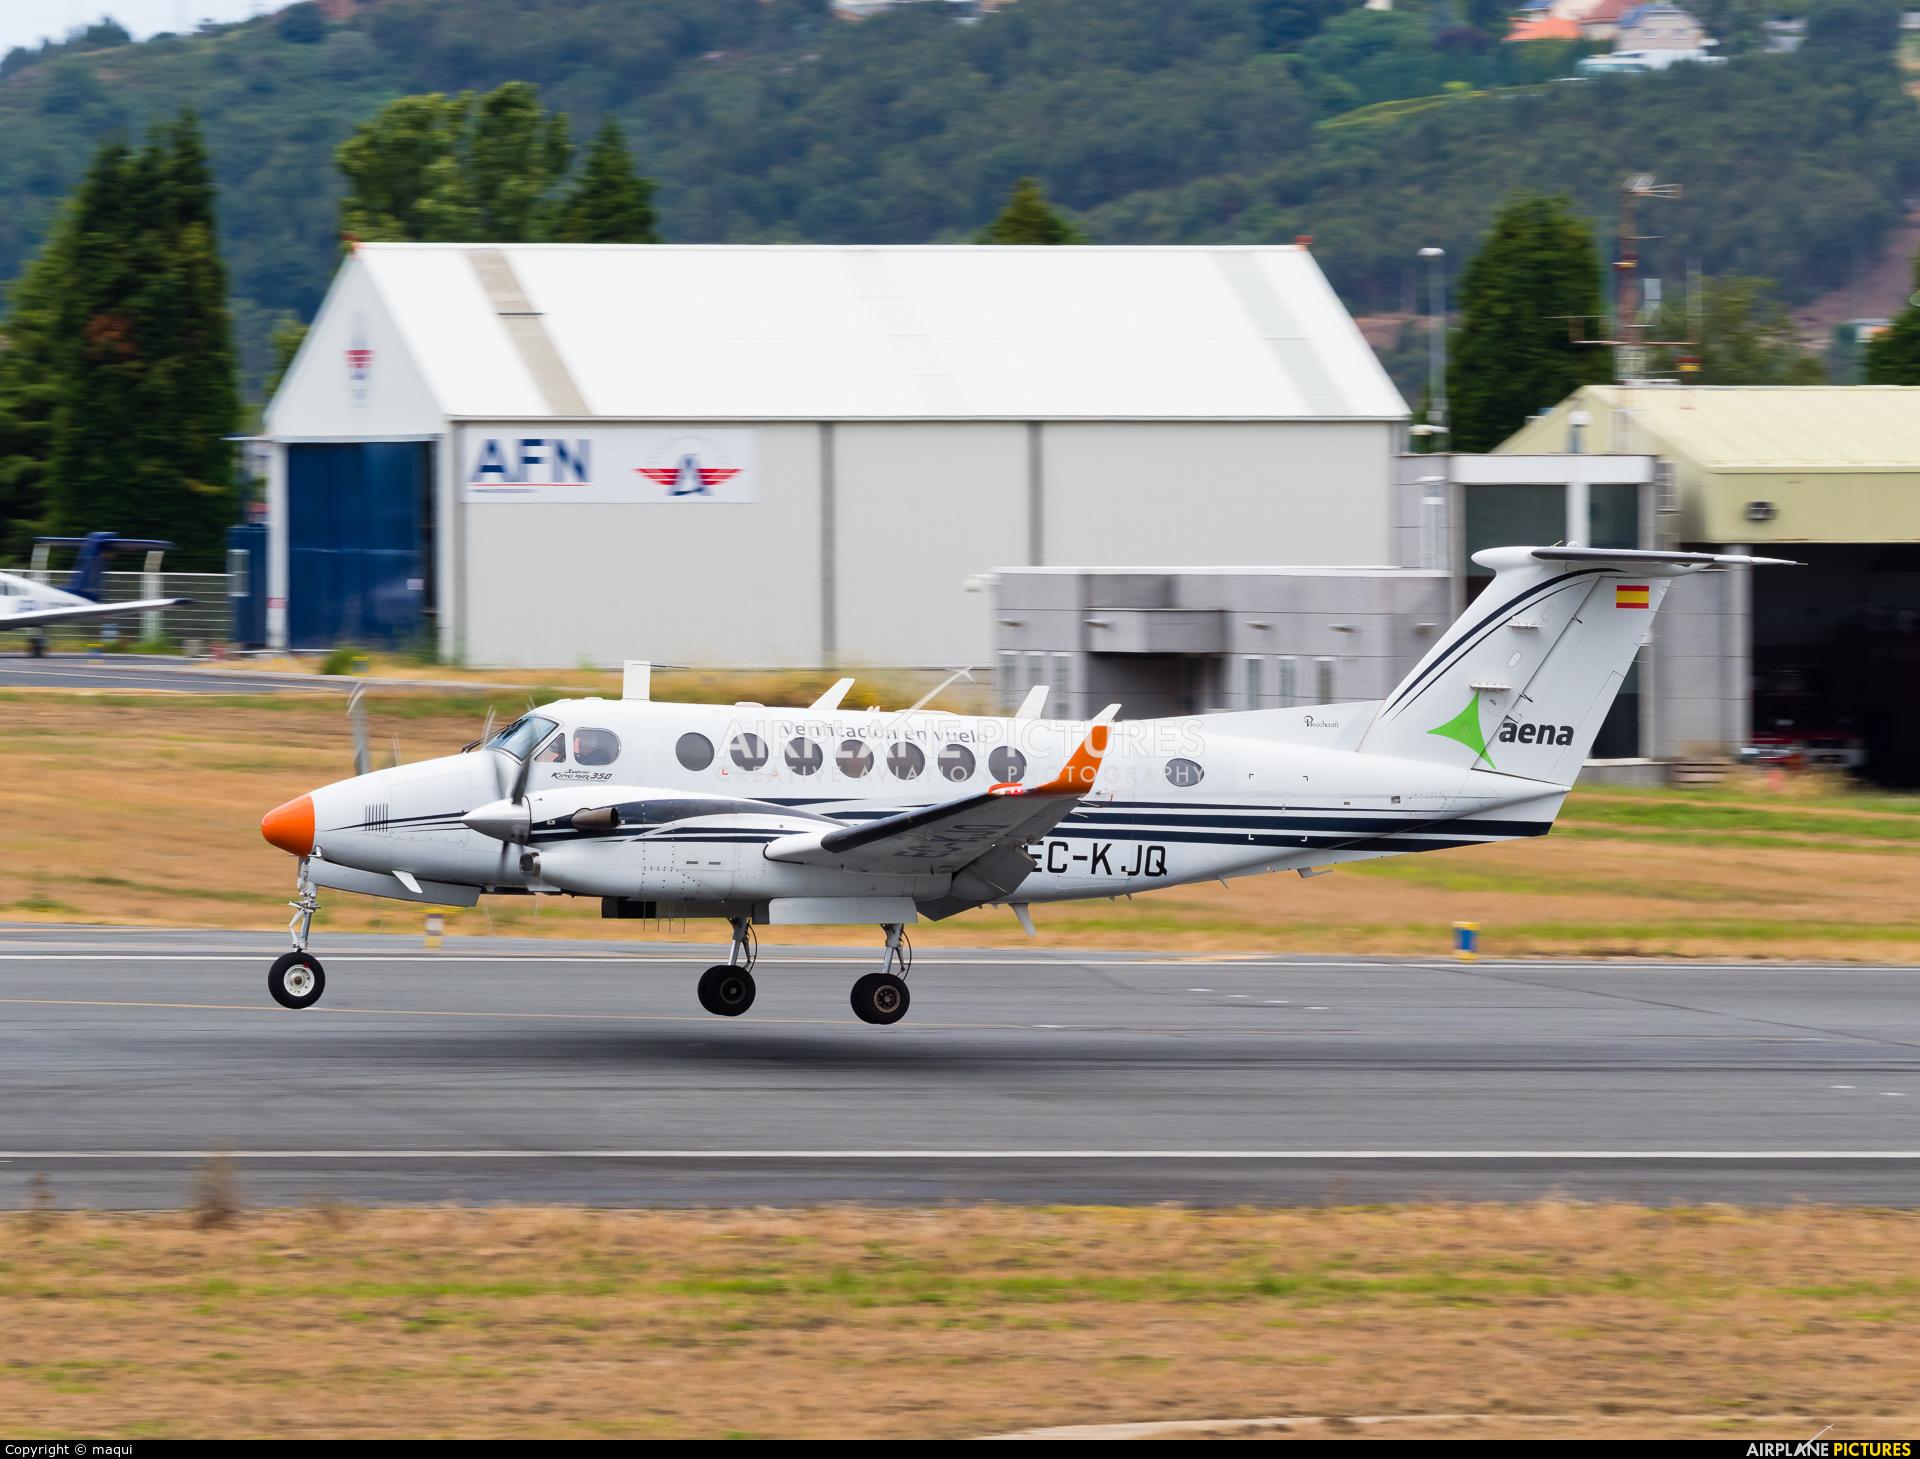 SENASA EC-KJQ aircraft at La Coruña